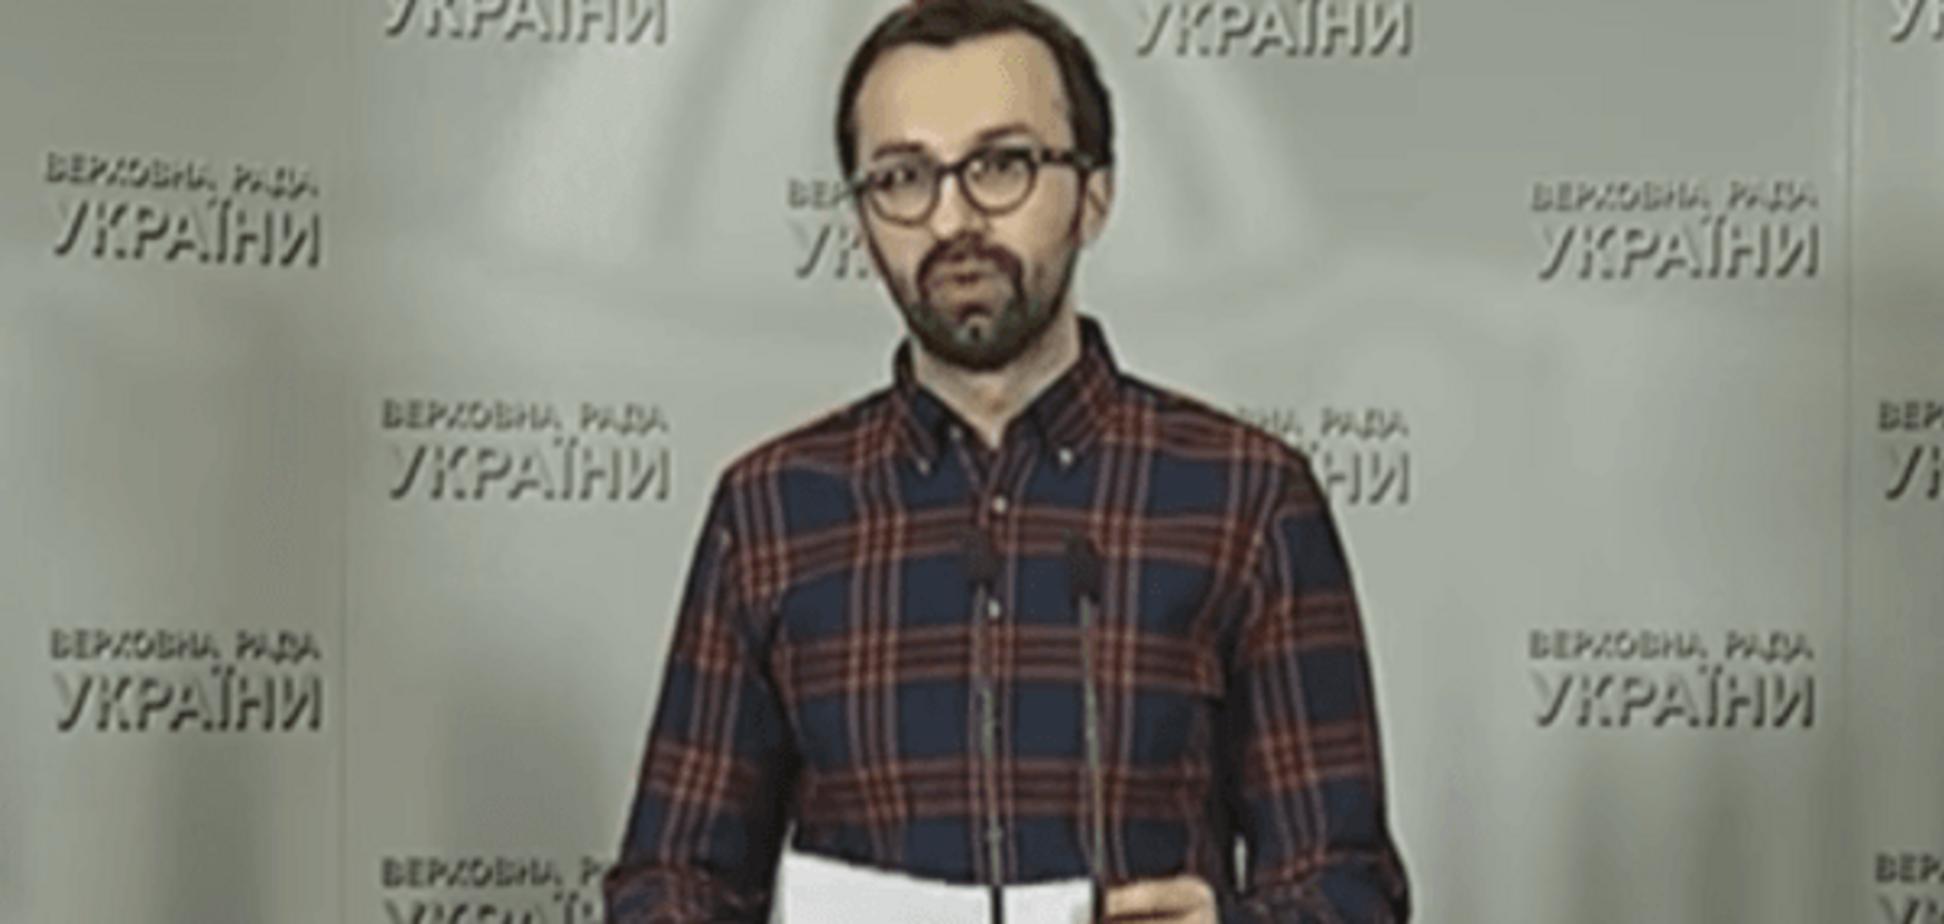 Лещенко vs Мартыненко: озвучены новые данные об 'урановом деле'